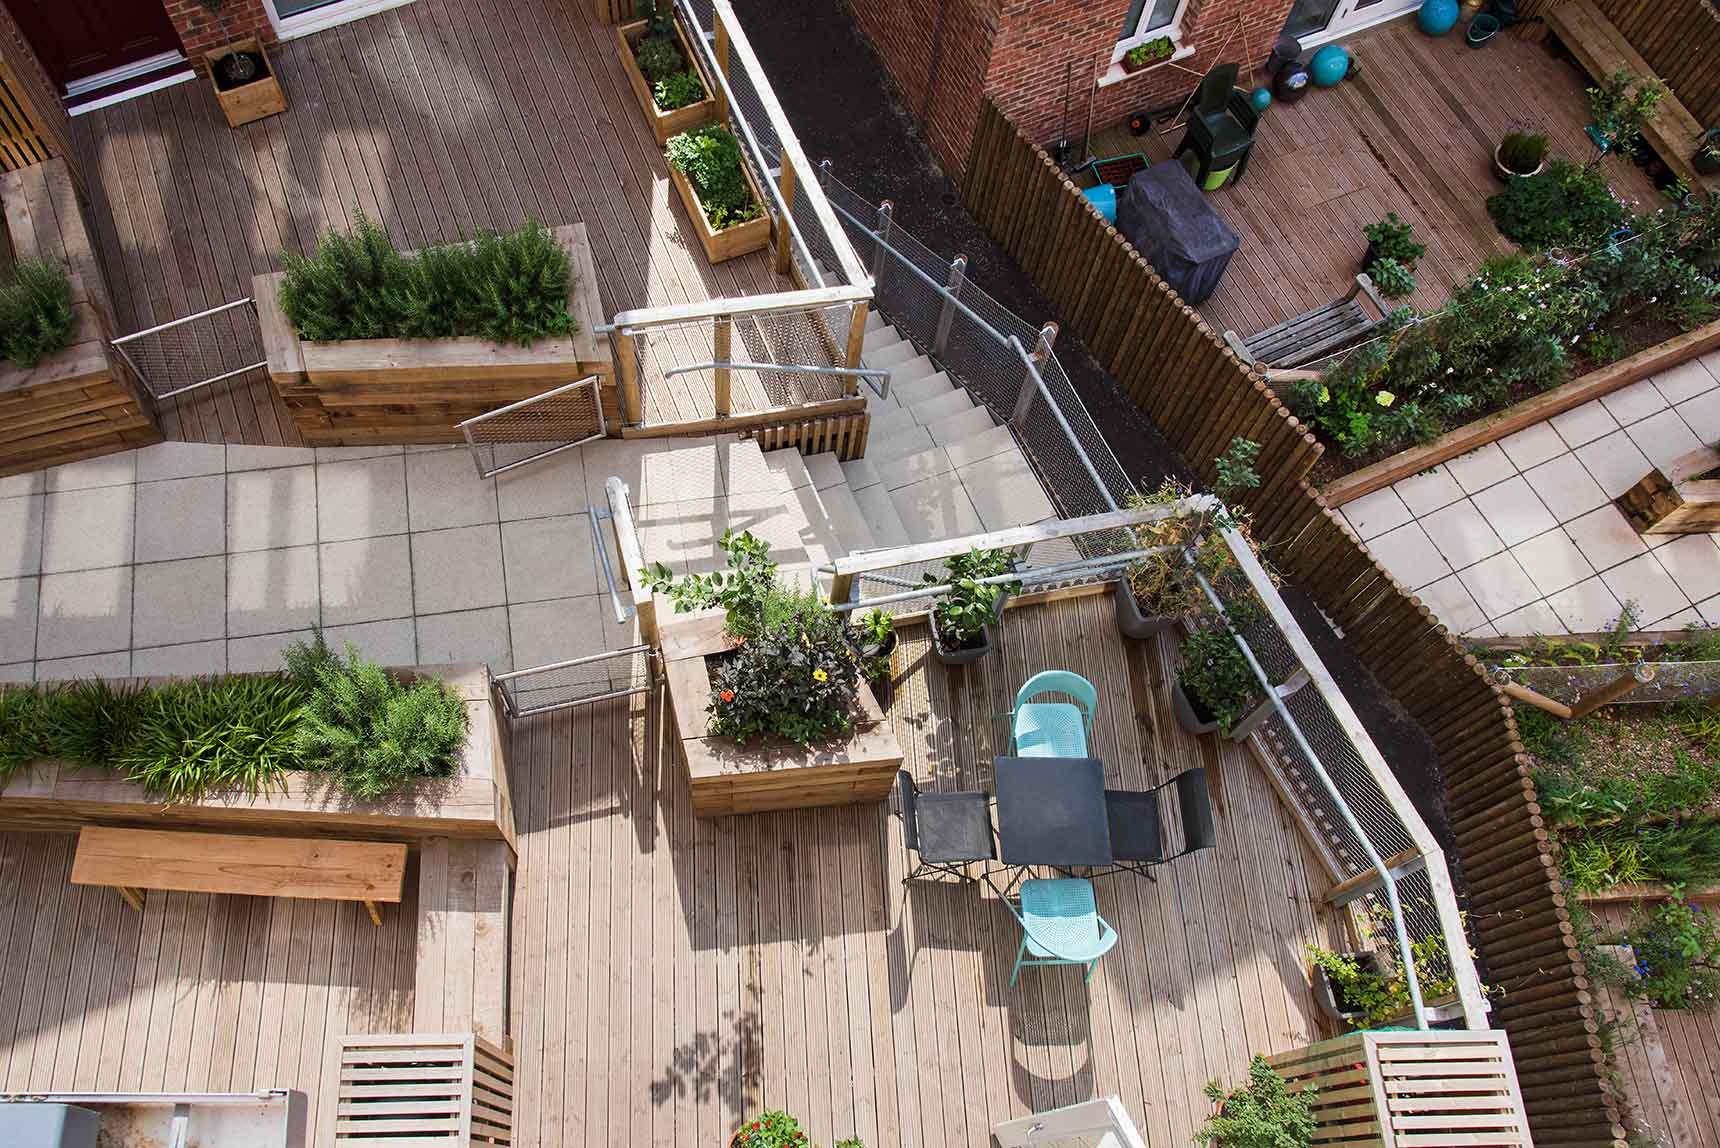 Ash Sakula The Malings Ouseburn Newcastle Irregular Garden Decking